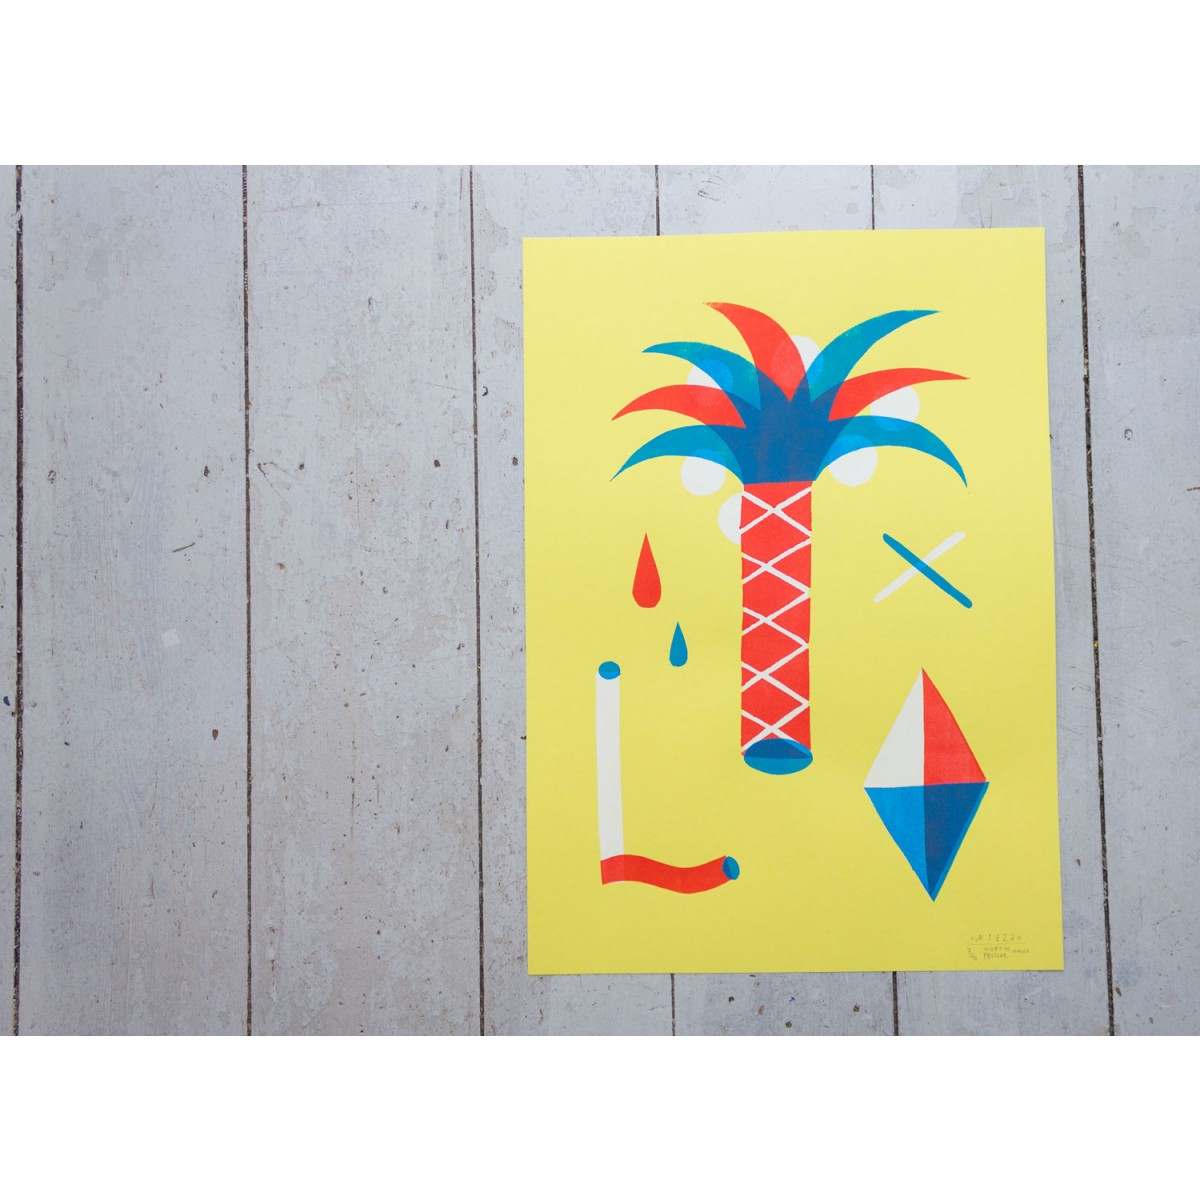 Stencil Artprint »Nizza«